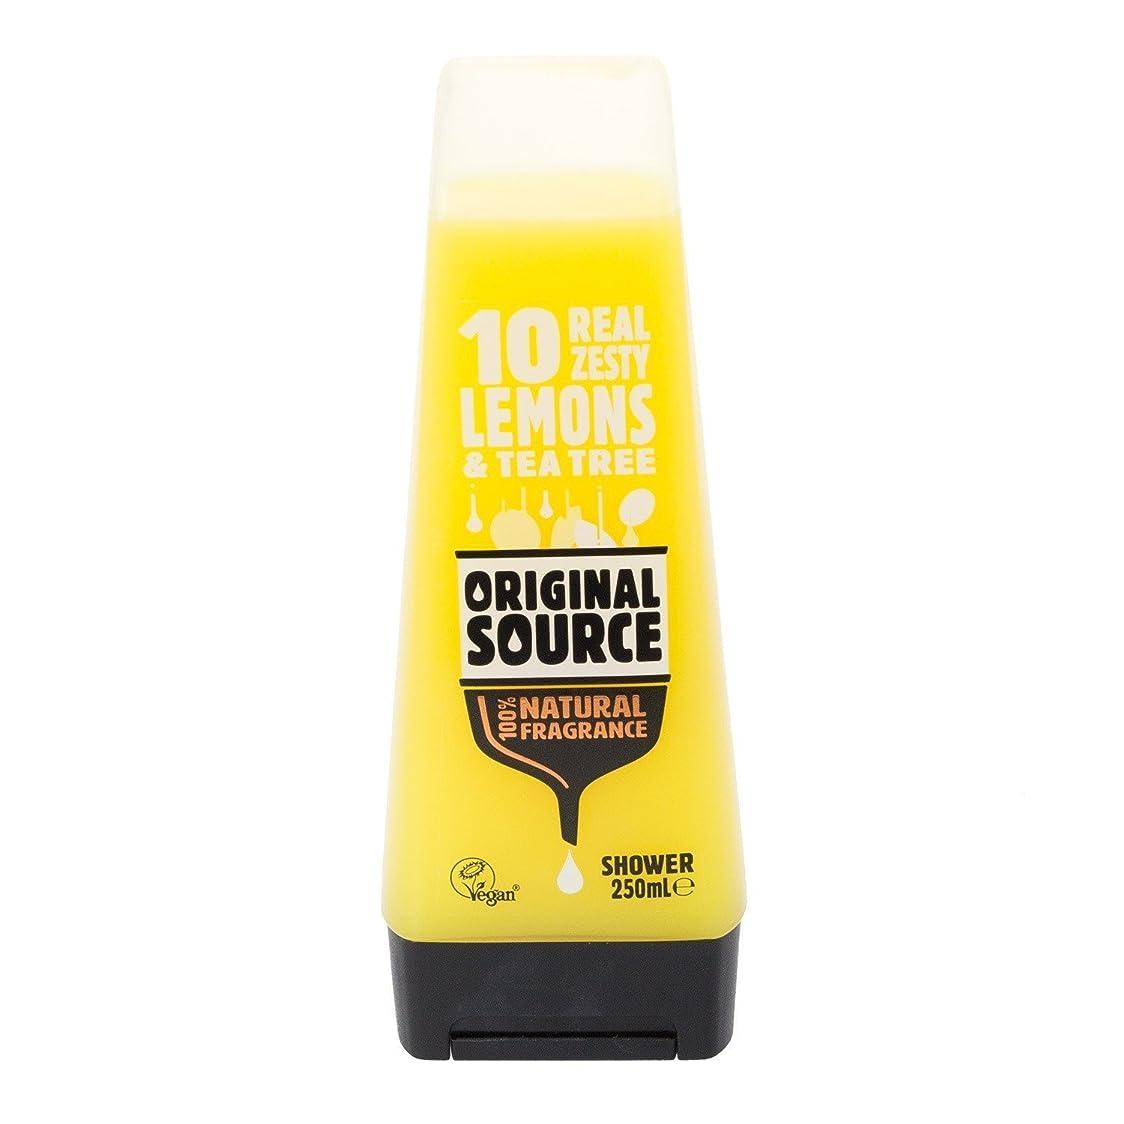 おかしい秘書スマートCussons Lemon and Tea Tree Original Source Shower Gel by PZ CUSSONS (UK) LTD